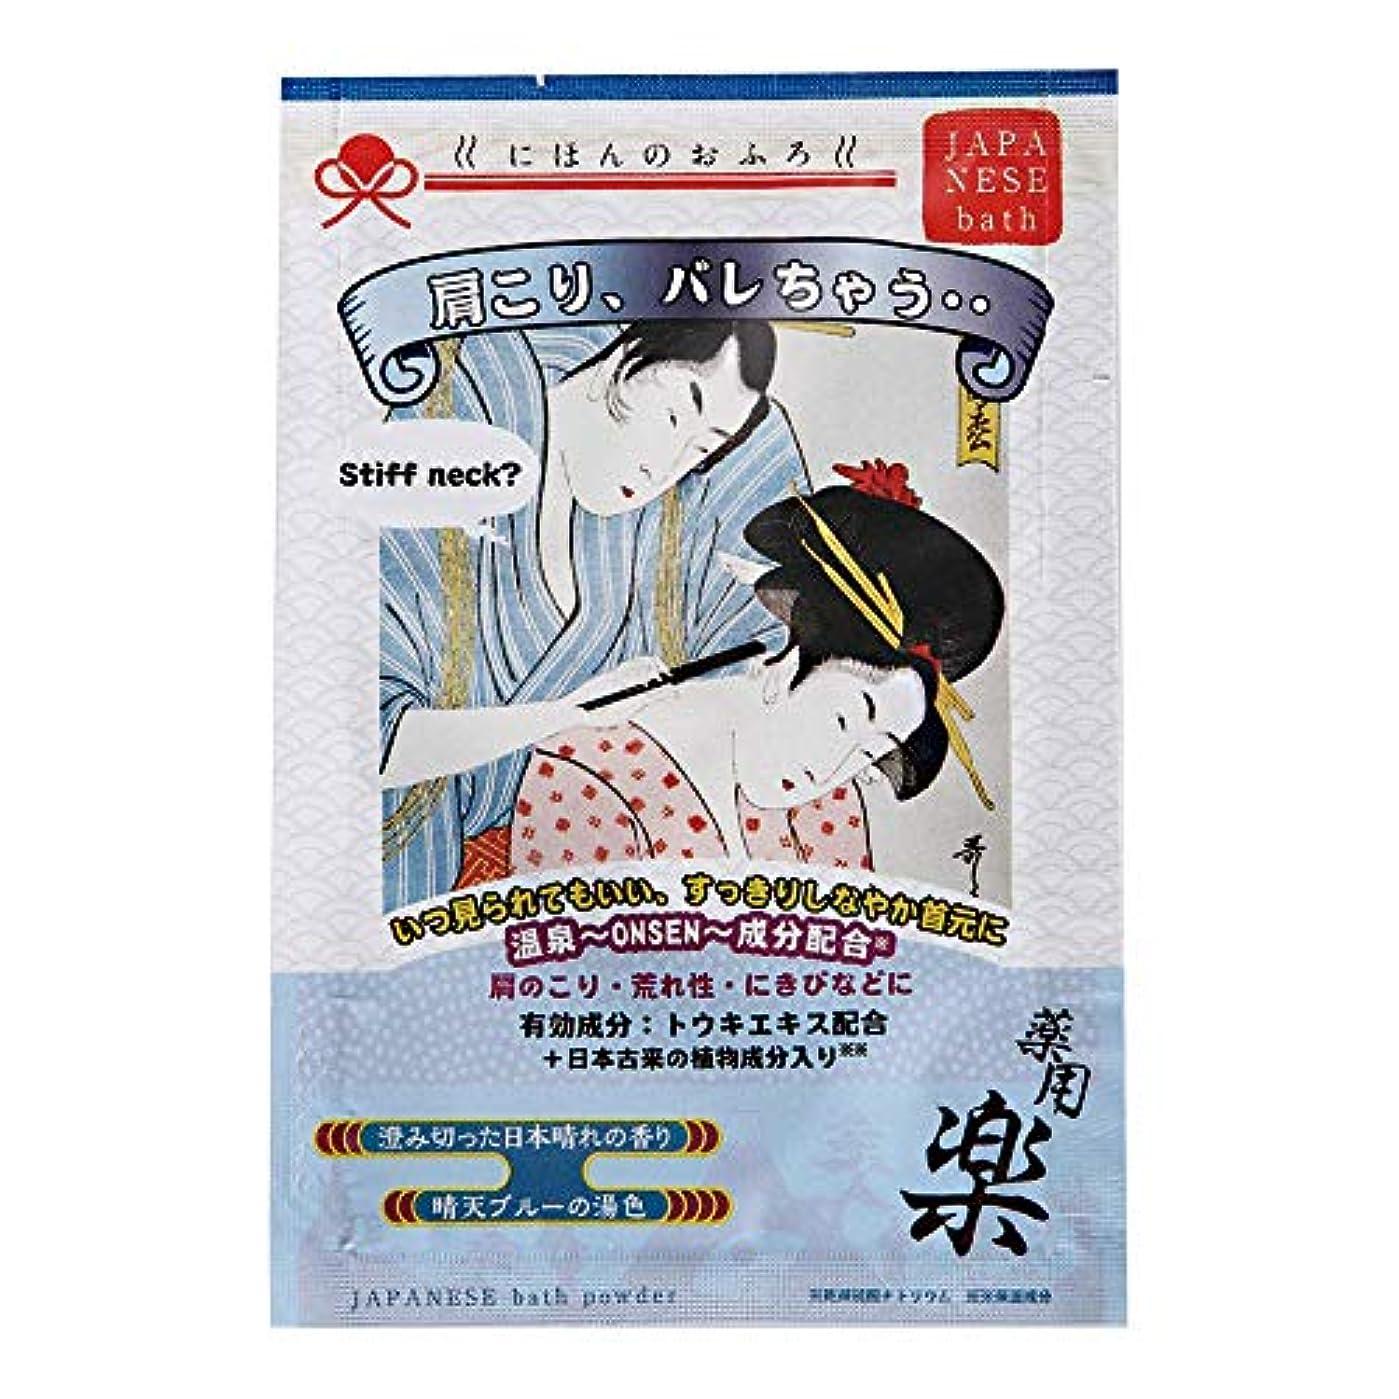 誤パパ内部にほんのおふろ 肩こり、バレちゃう?? 澄み切った日本晴れの香り 25g